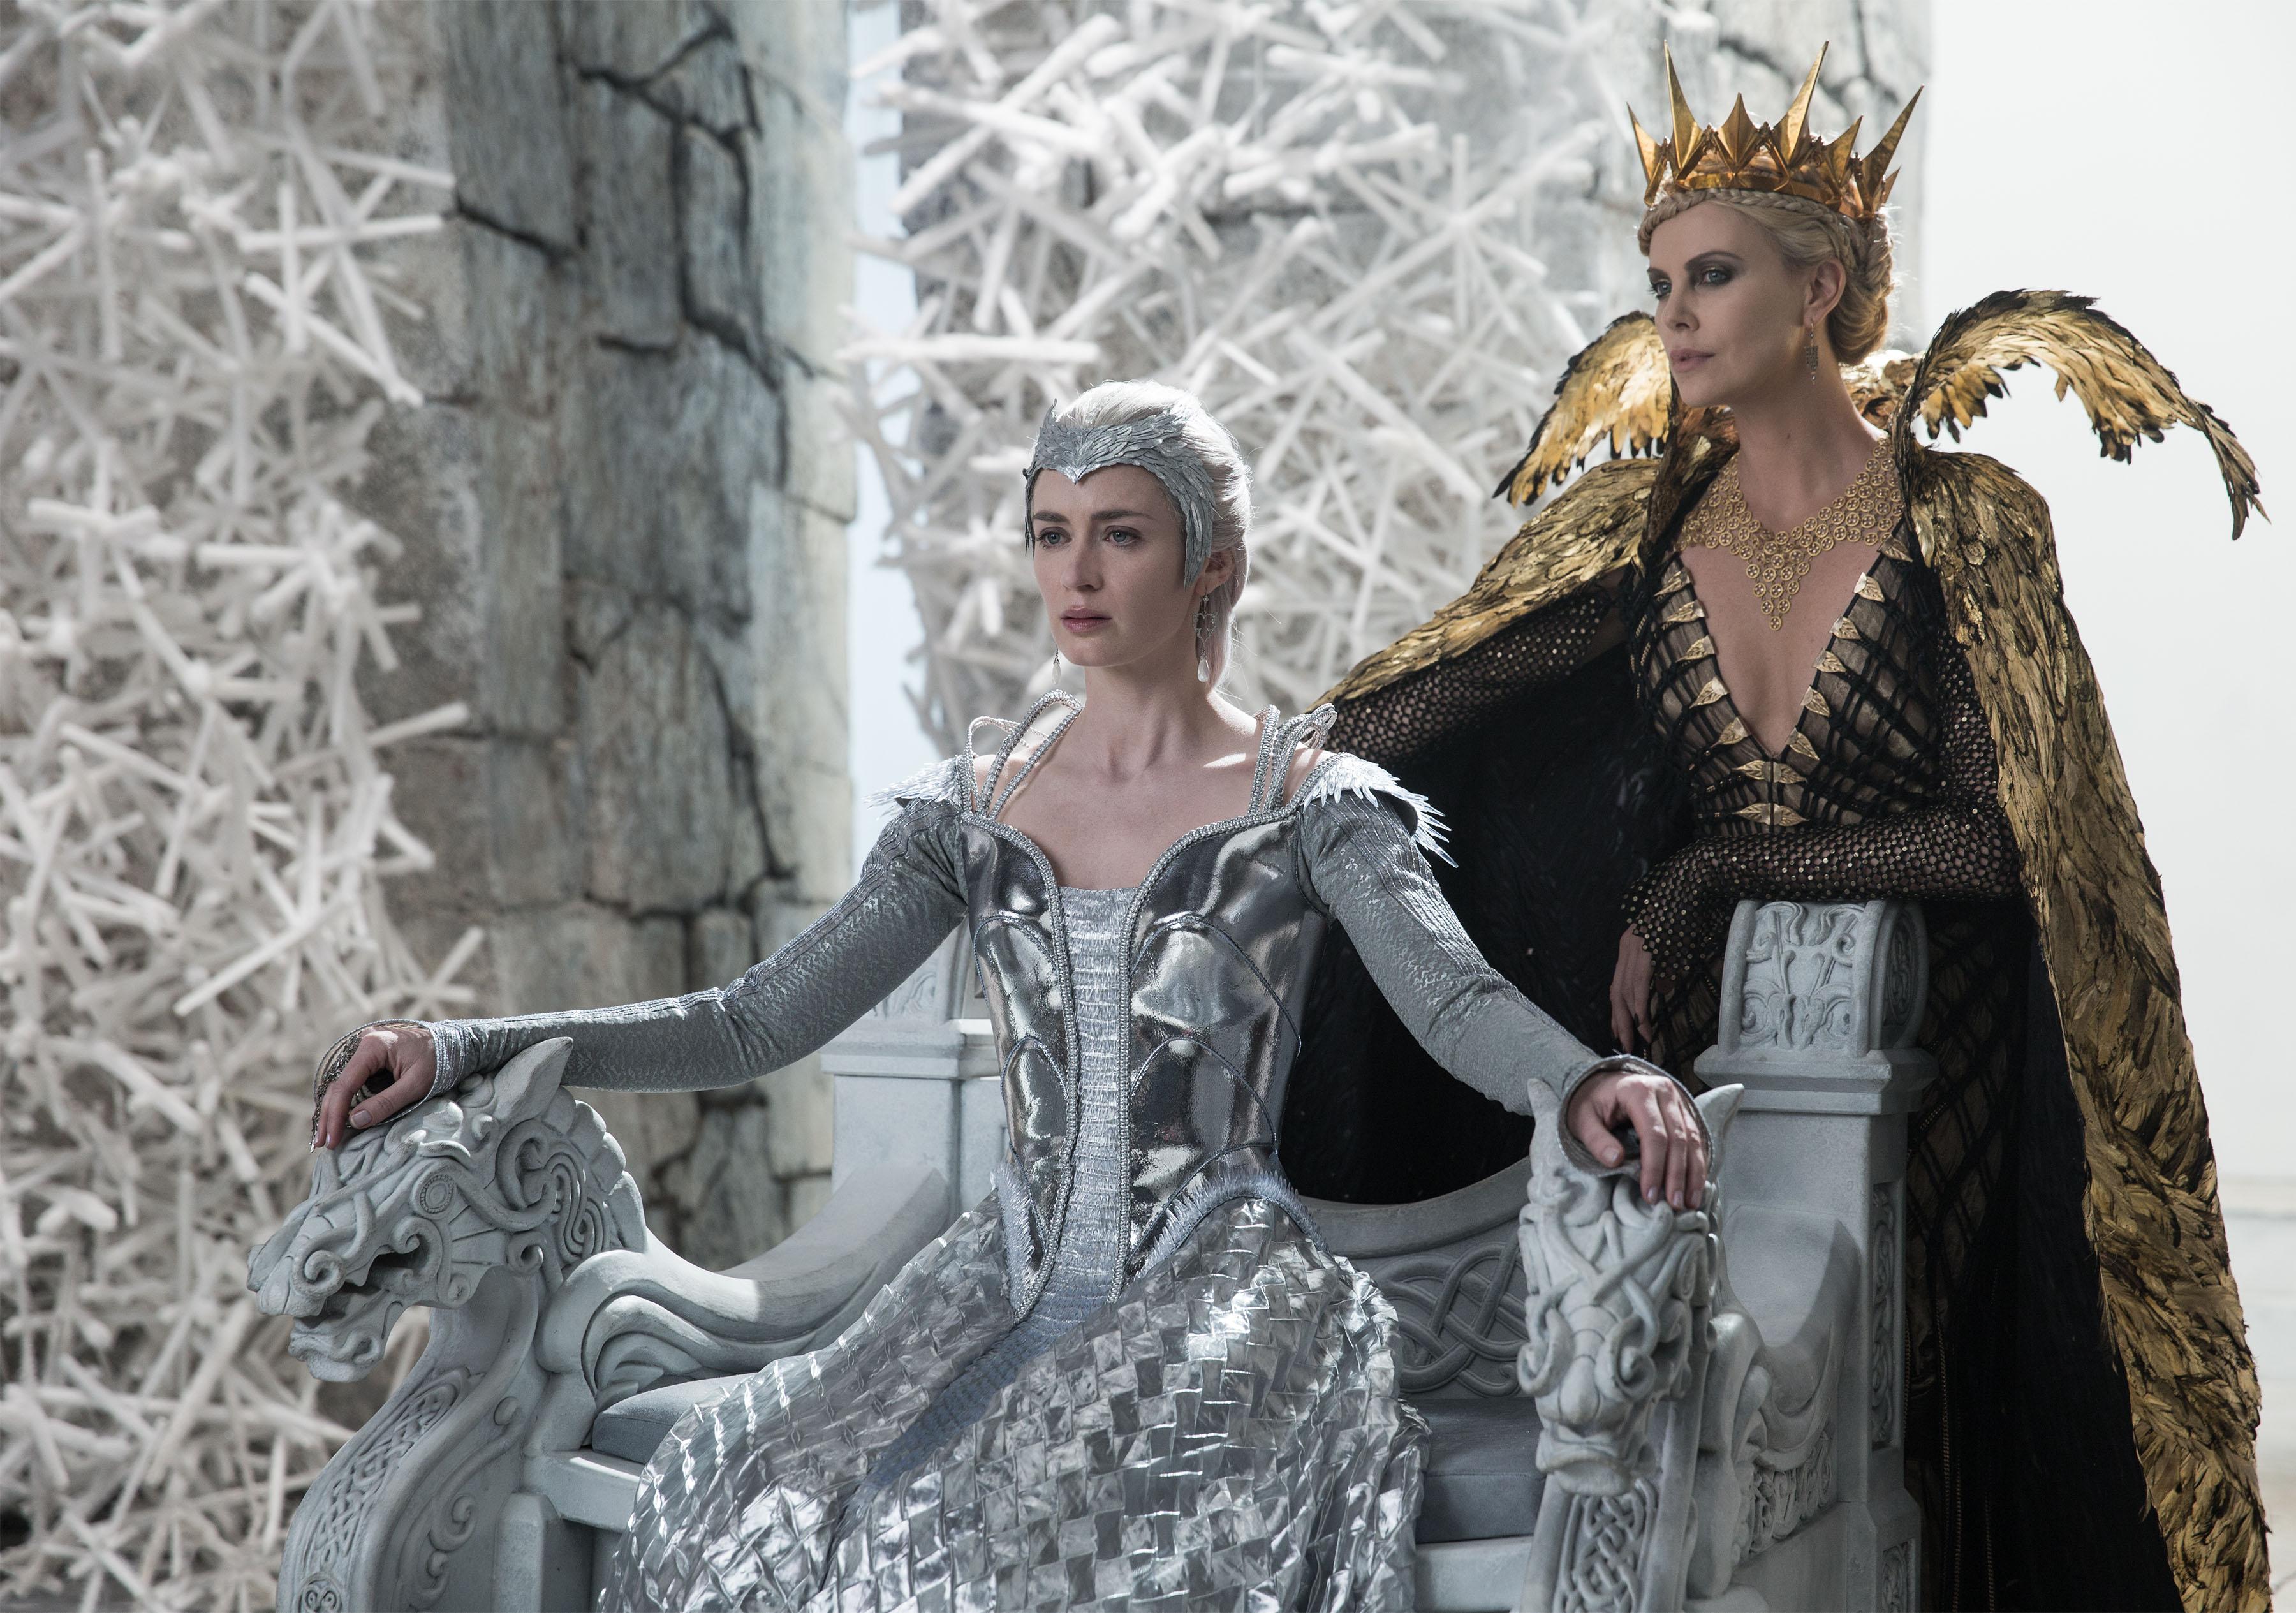 охотник и снежная королева кадр 2